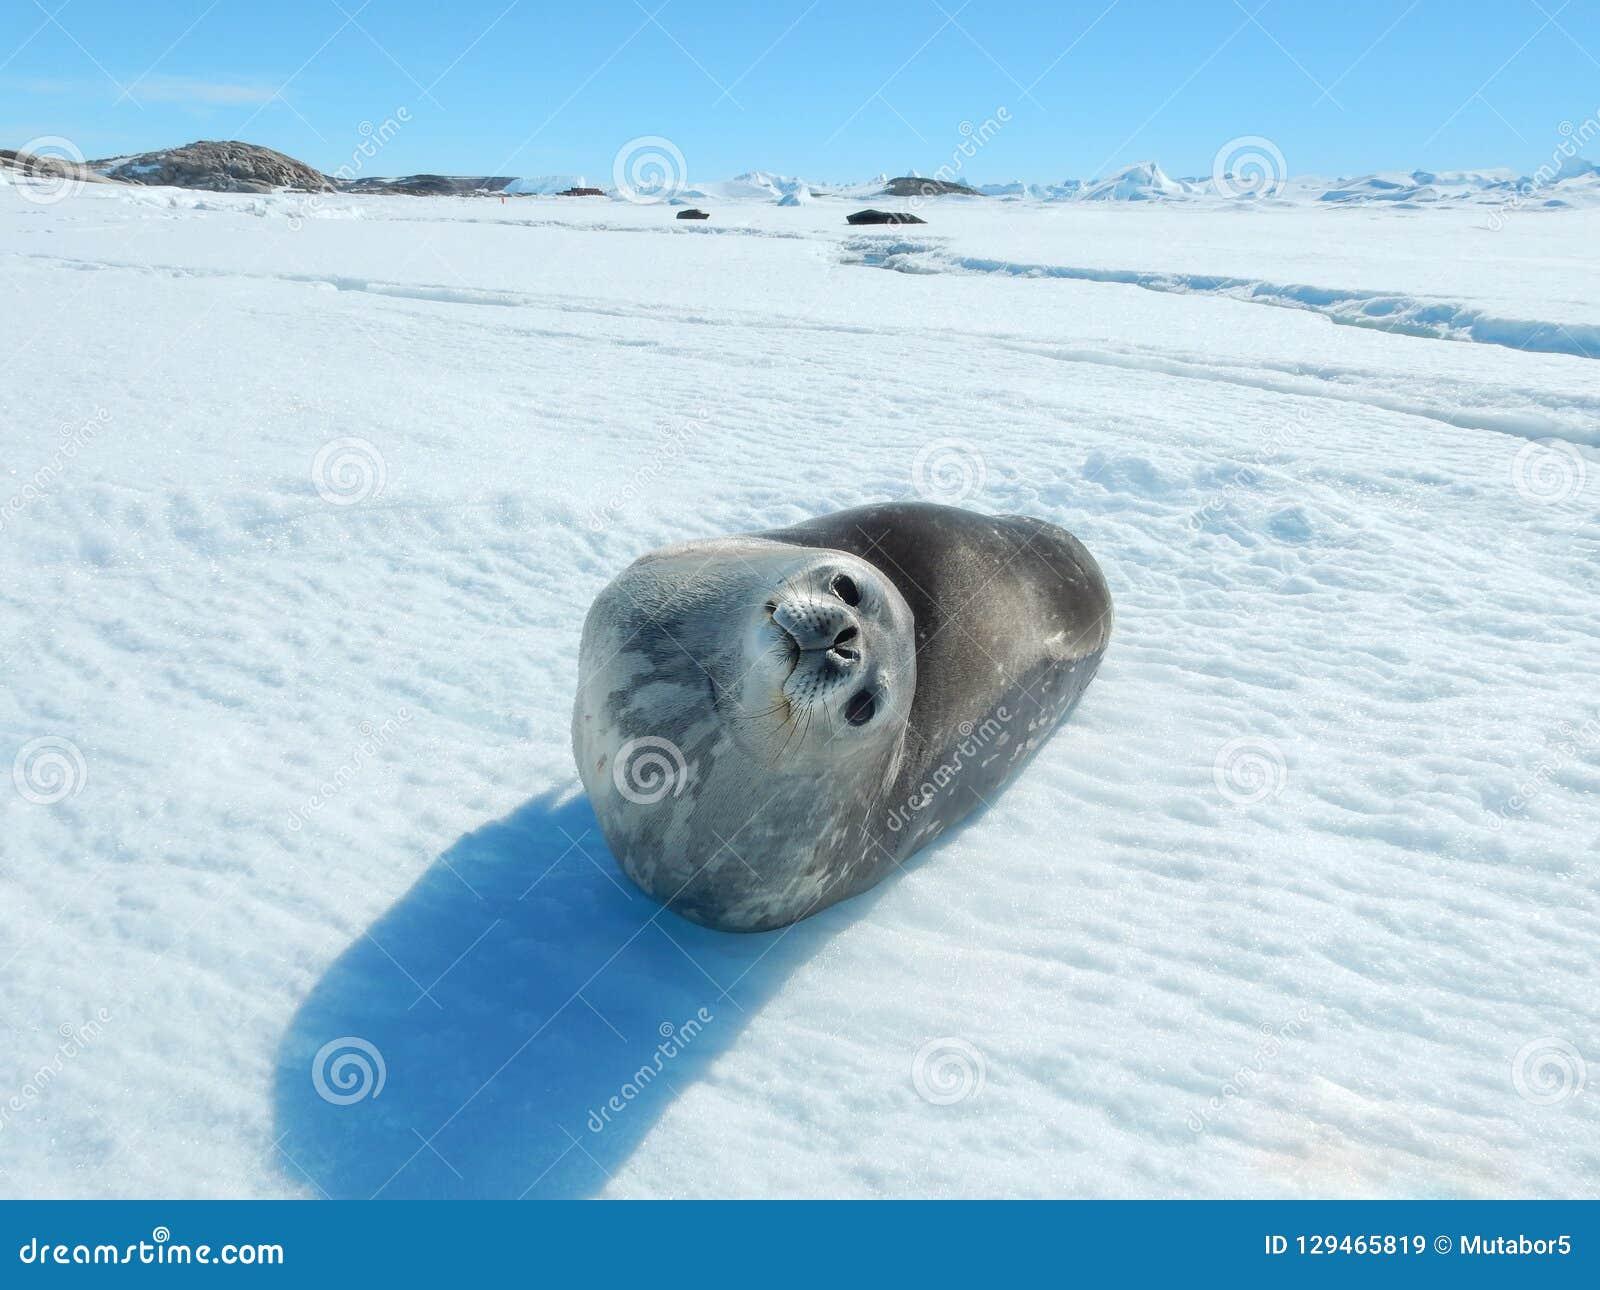 Dichtung - Ringelrobbe Pusa-hispida, liegend im Schnee an einem sonnigen Tag und betrachten die Kamera